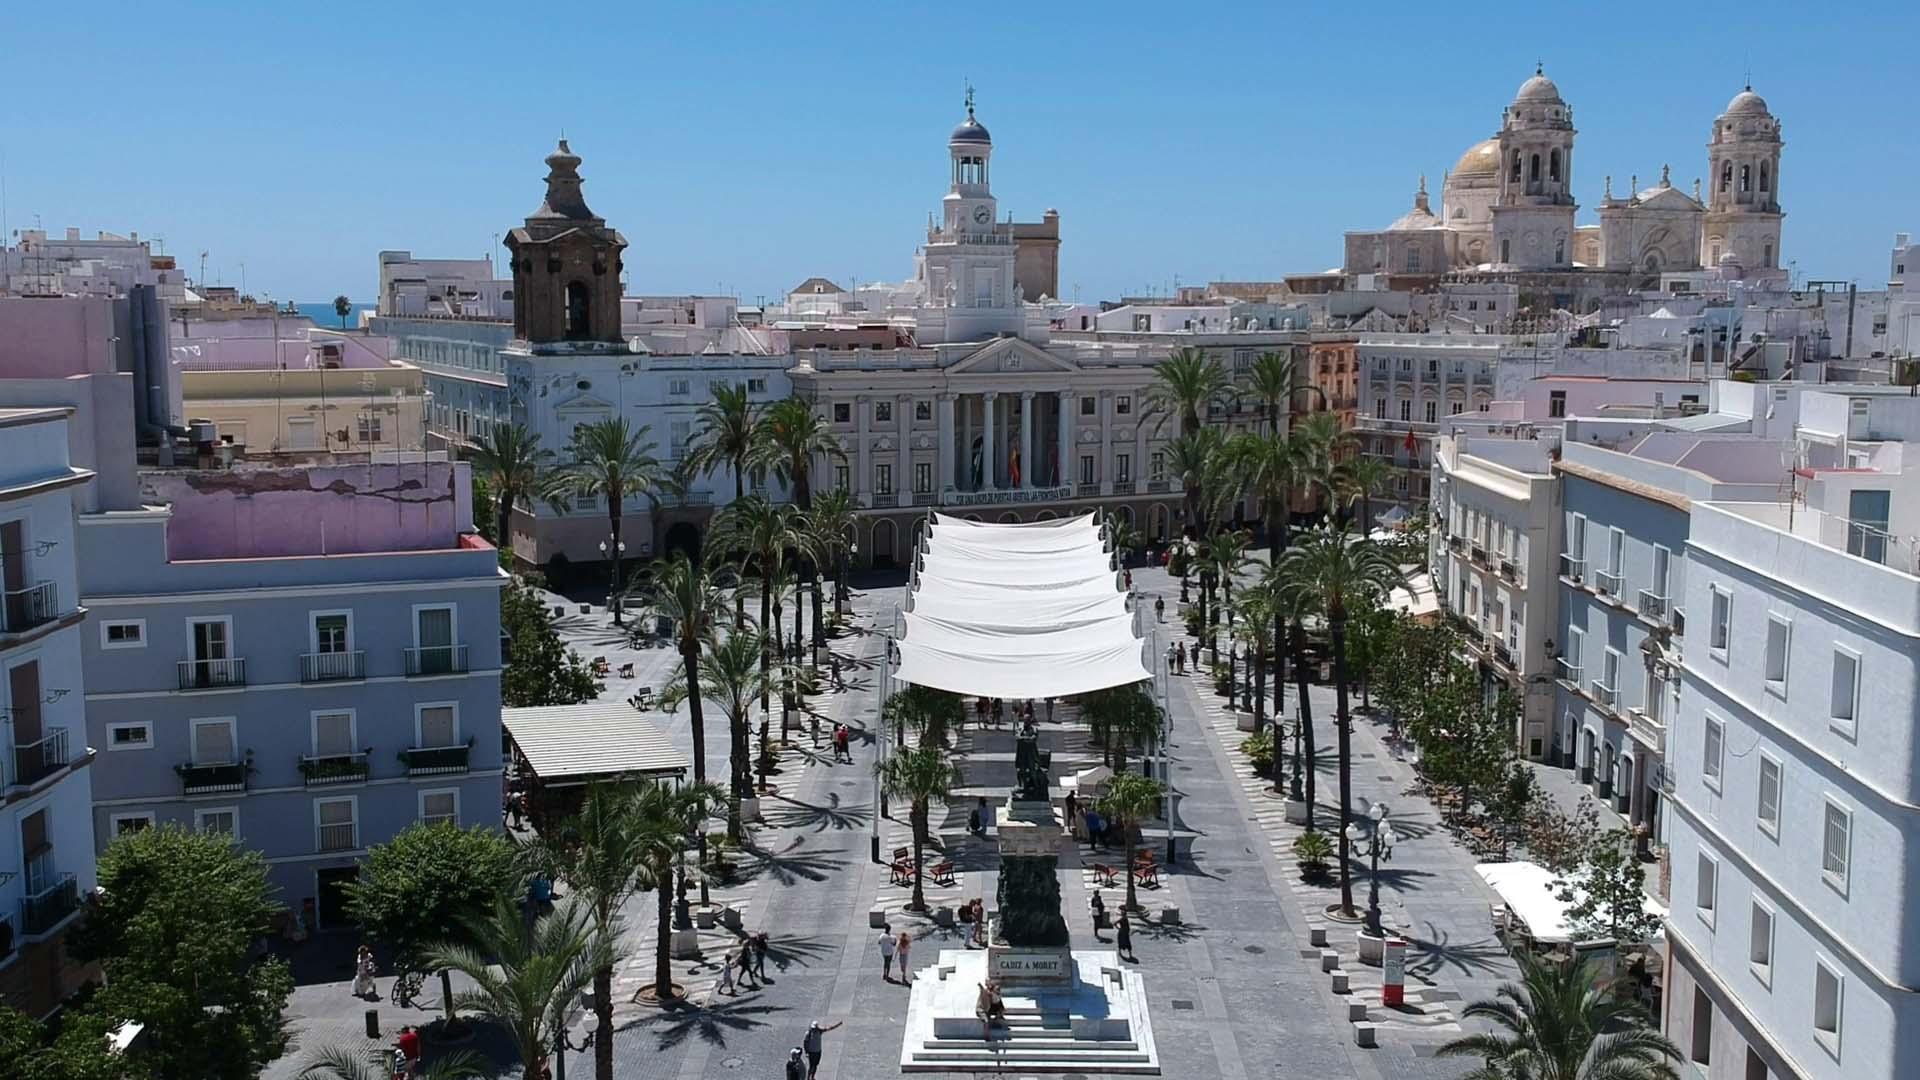 Cádiz: Alle Sehenswürdigkeiten auf einen Blick